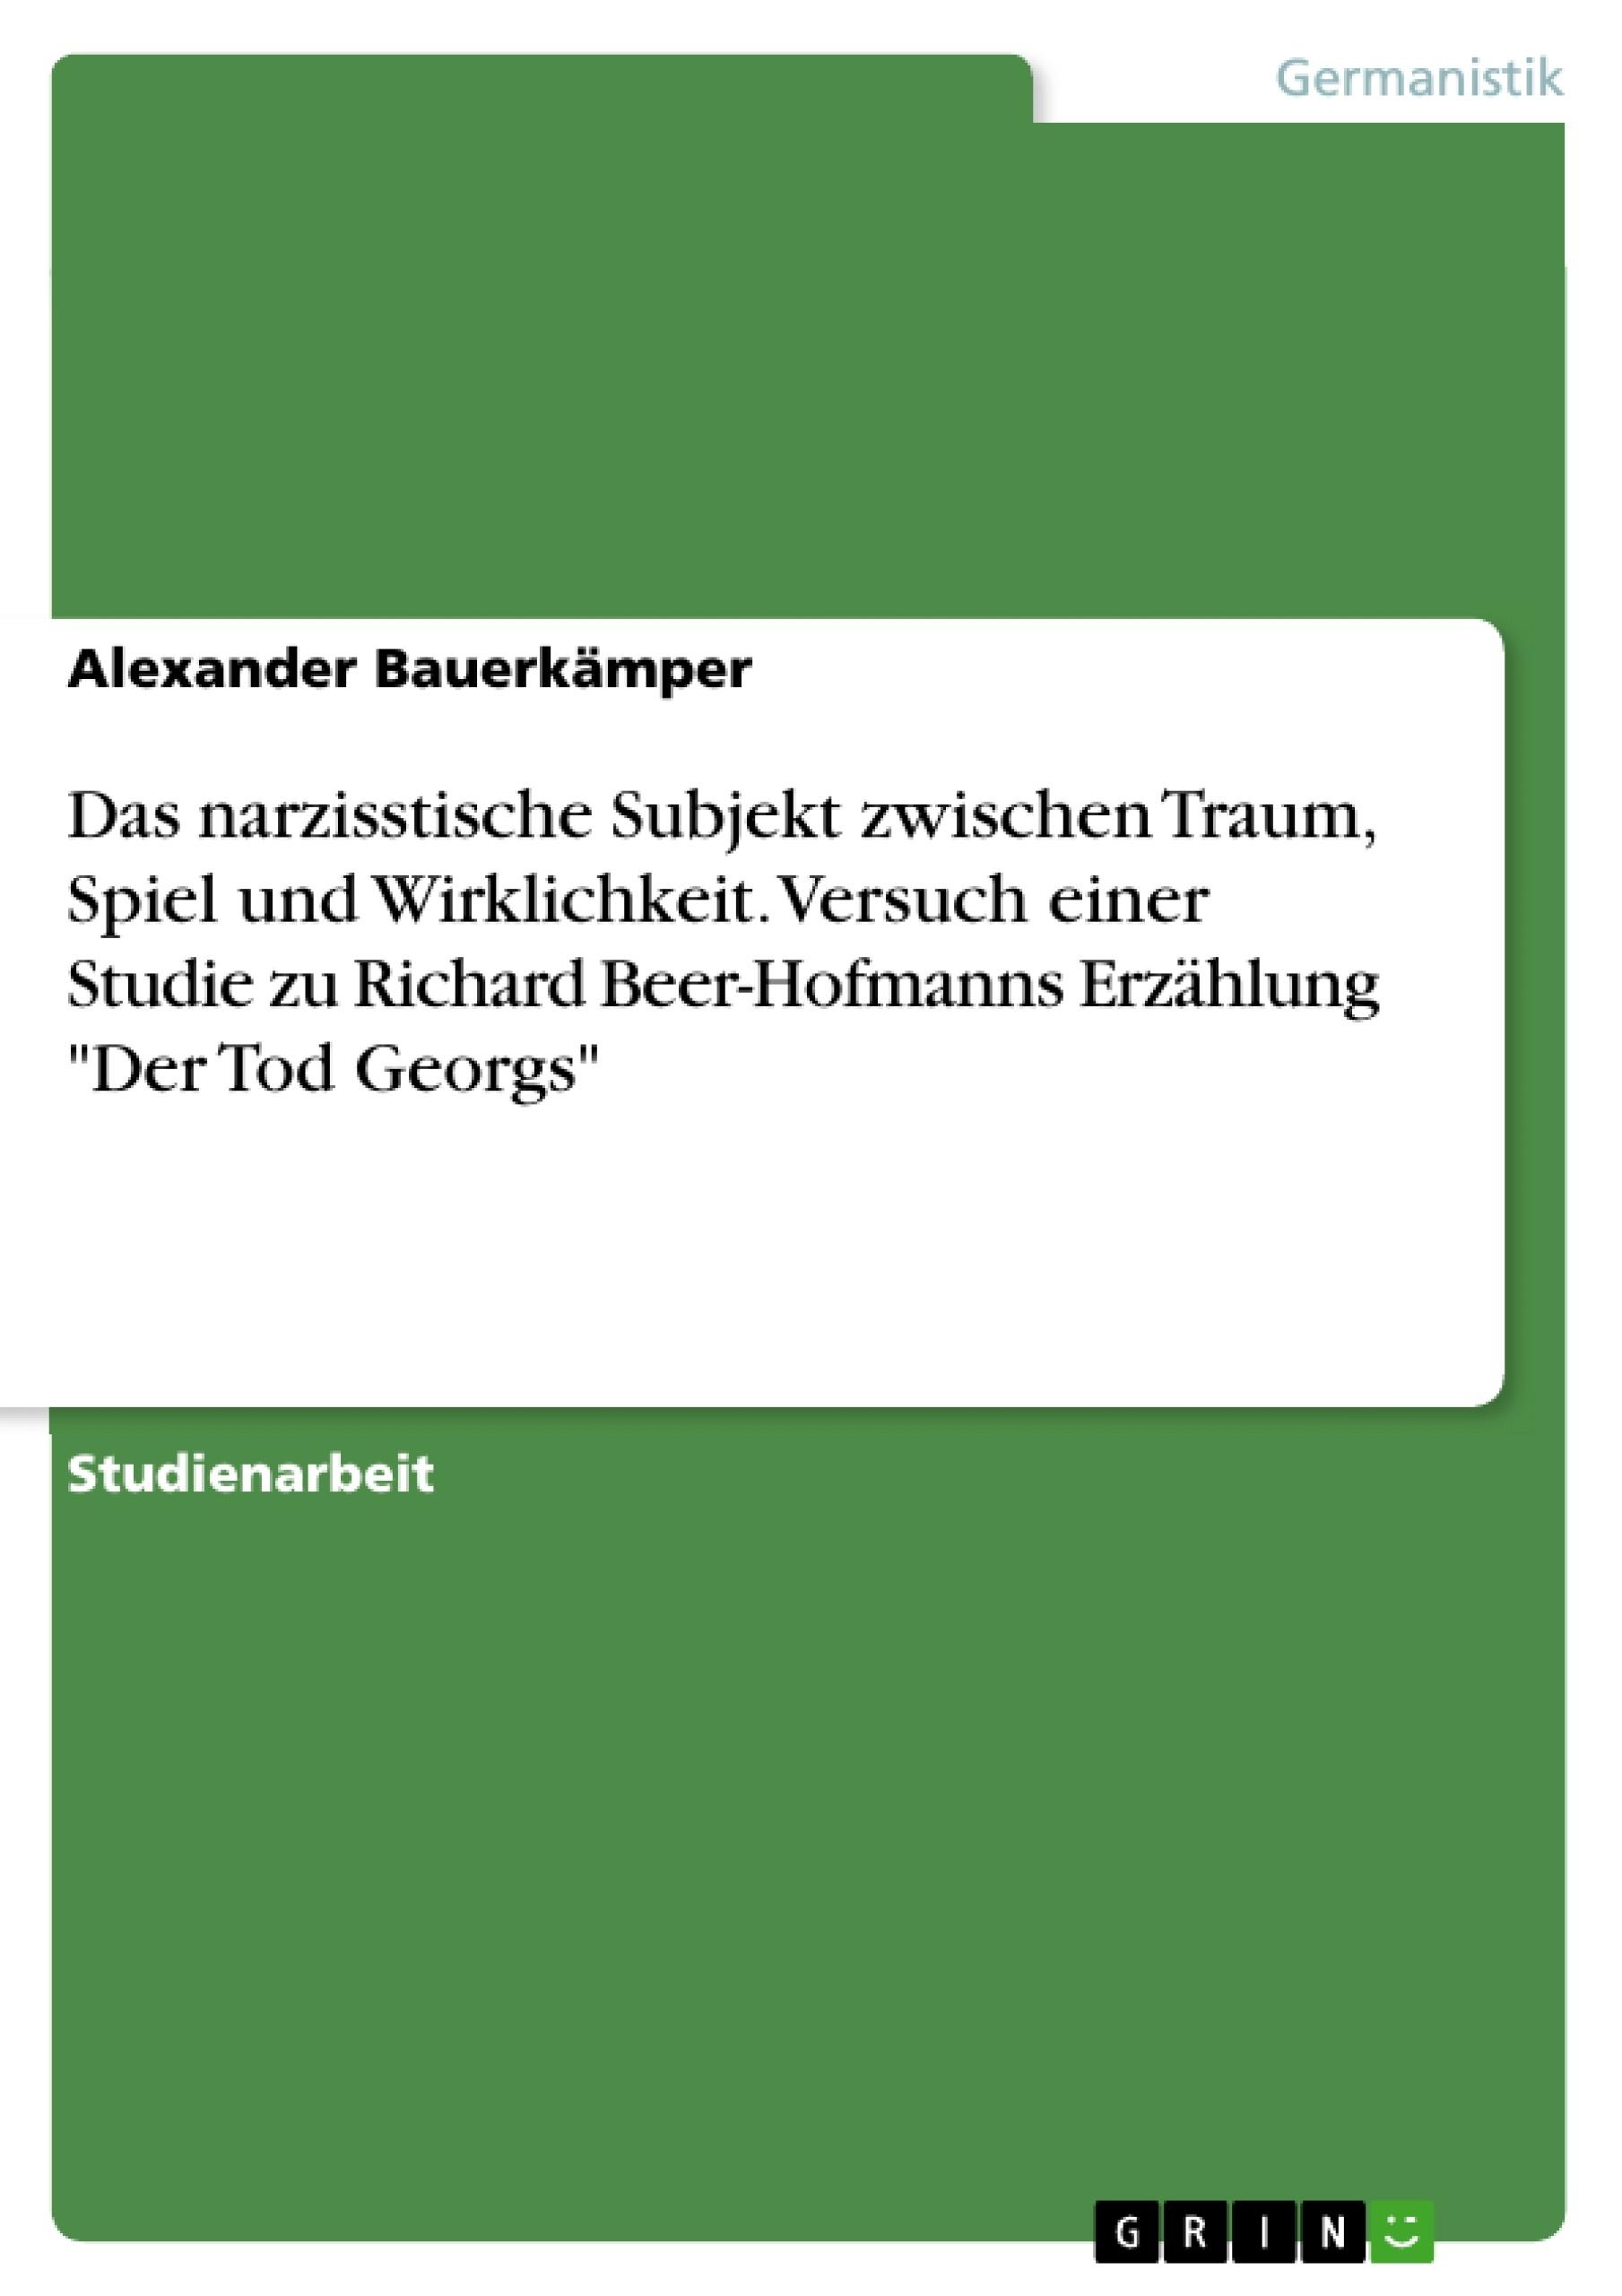 """Titel: Das narzisstische Subjekt zwischen Traum, Spiel und Wirklichkeit. Versuch einer Studie zu Richard Beer-Hofmanns Erzählung """"Der Tod Georgs"""""""